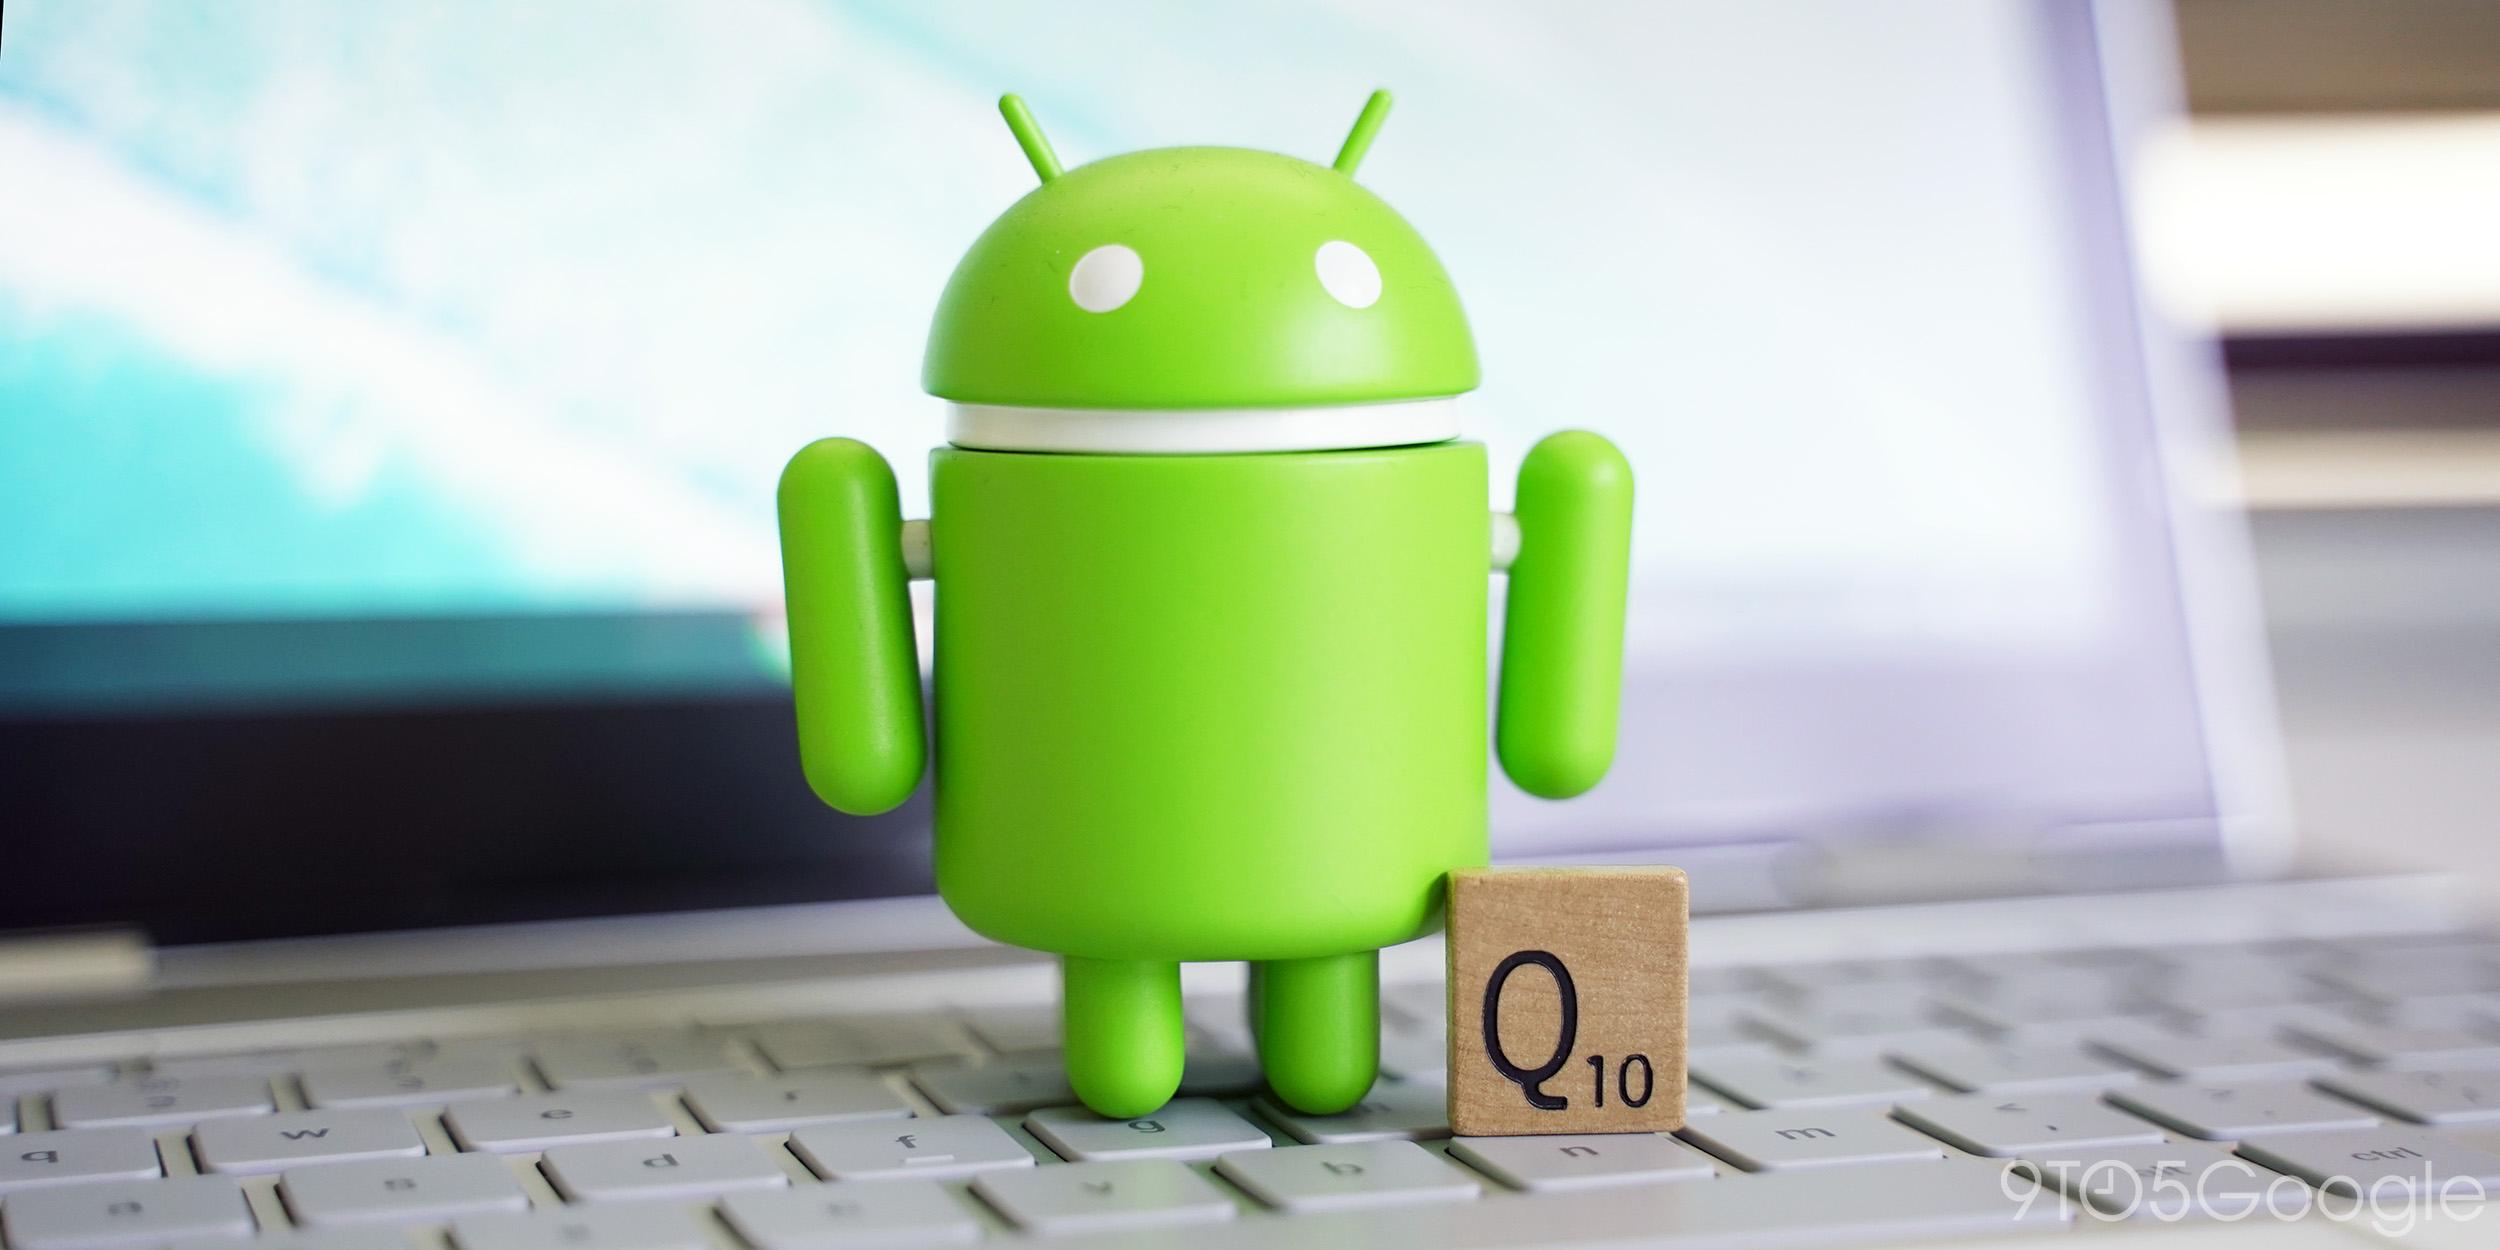 Chrome OS Android Q google i/o 2019